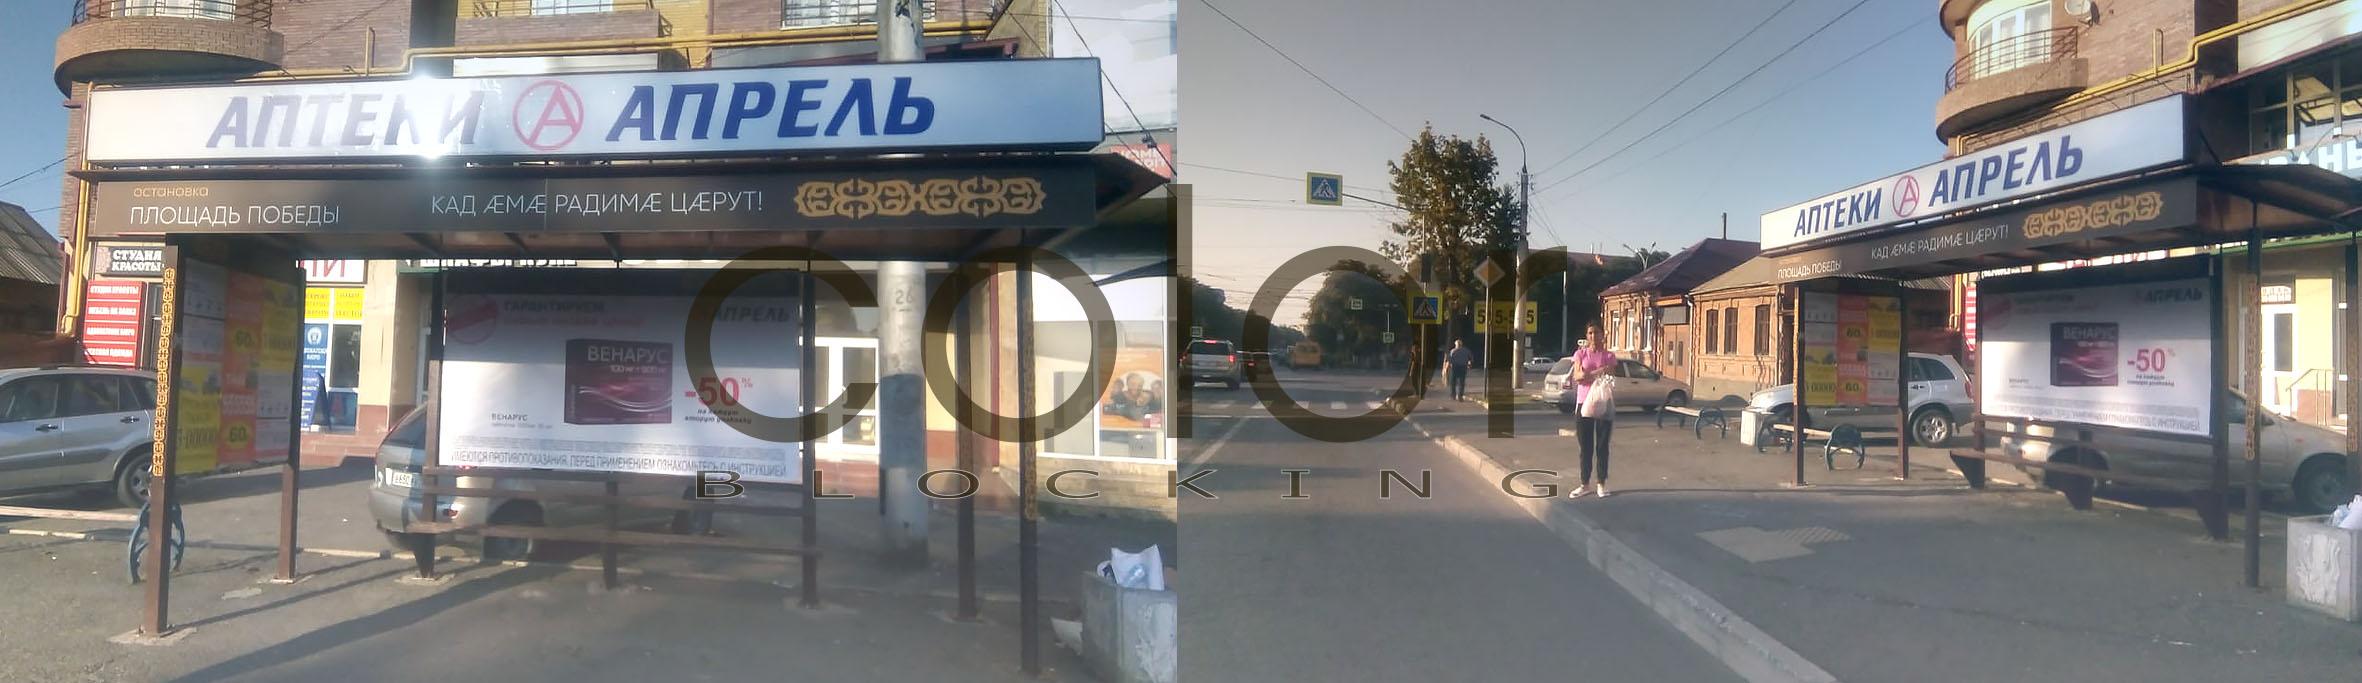 Наружная реклама в Владикавказе на остановках аренда